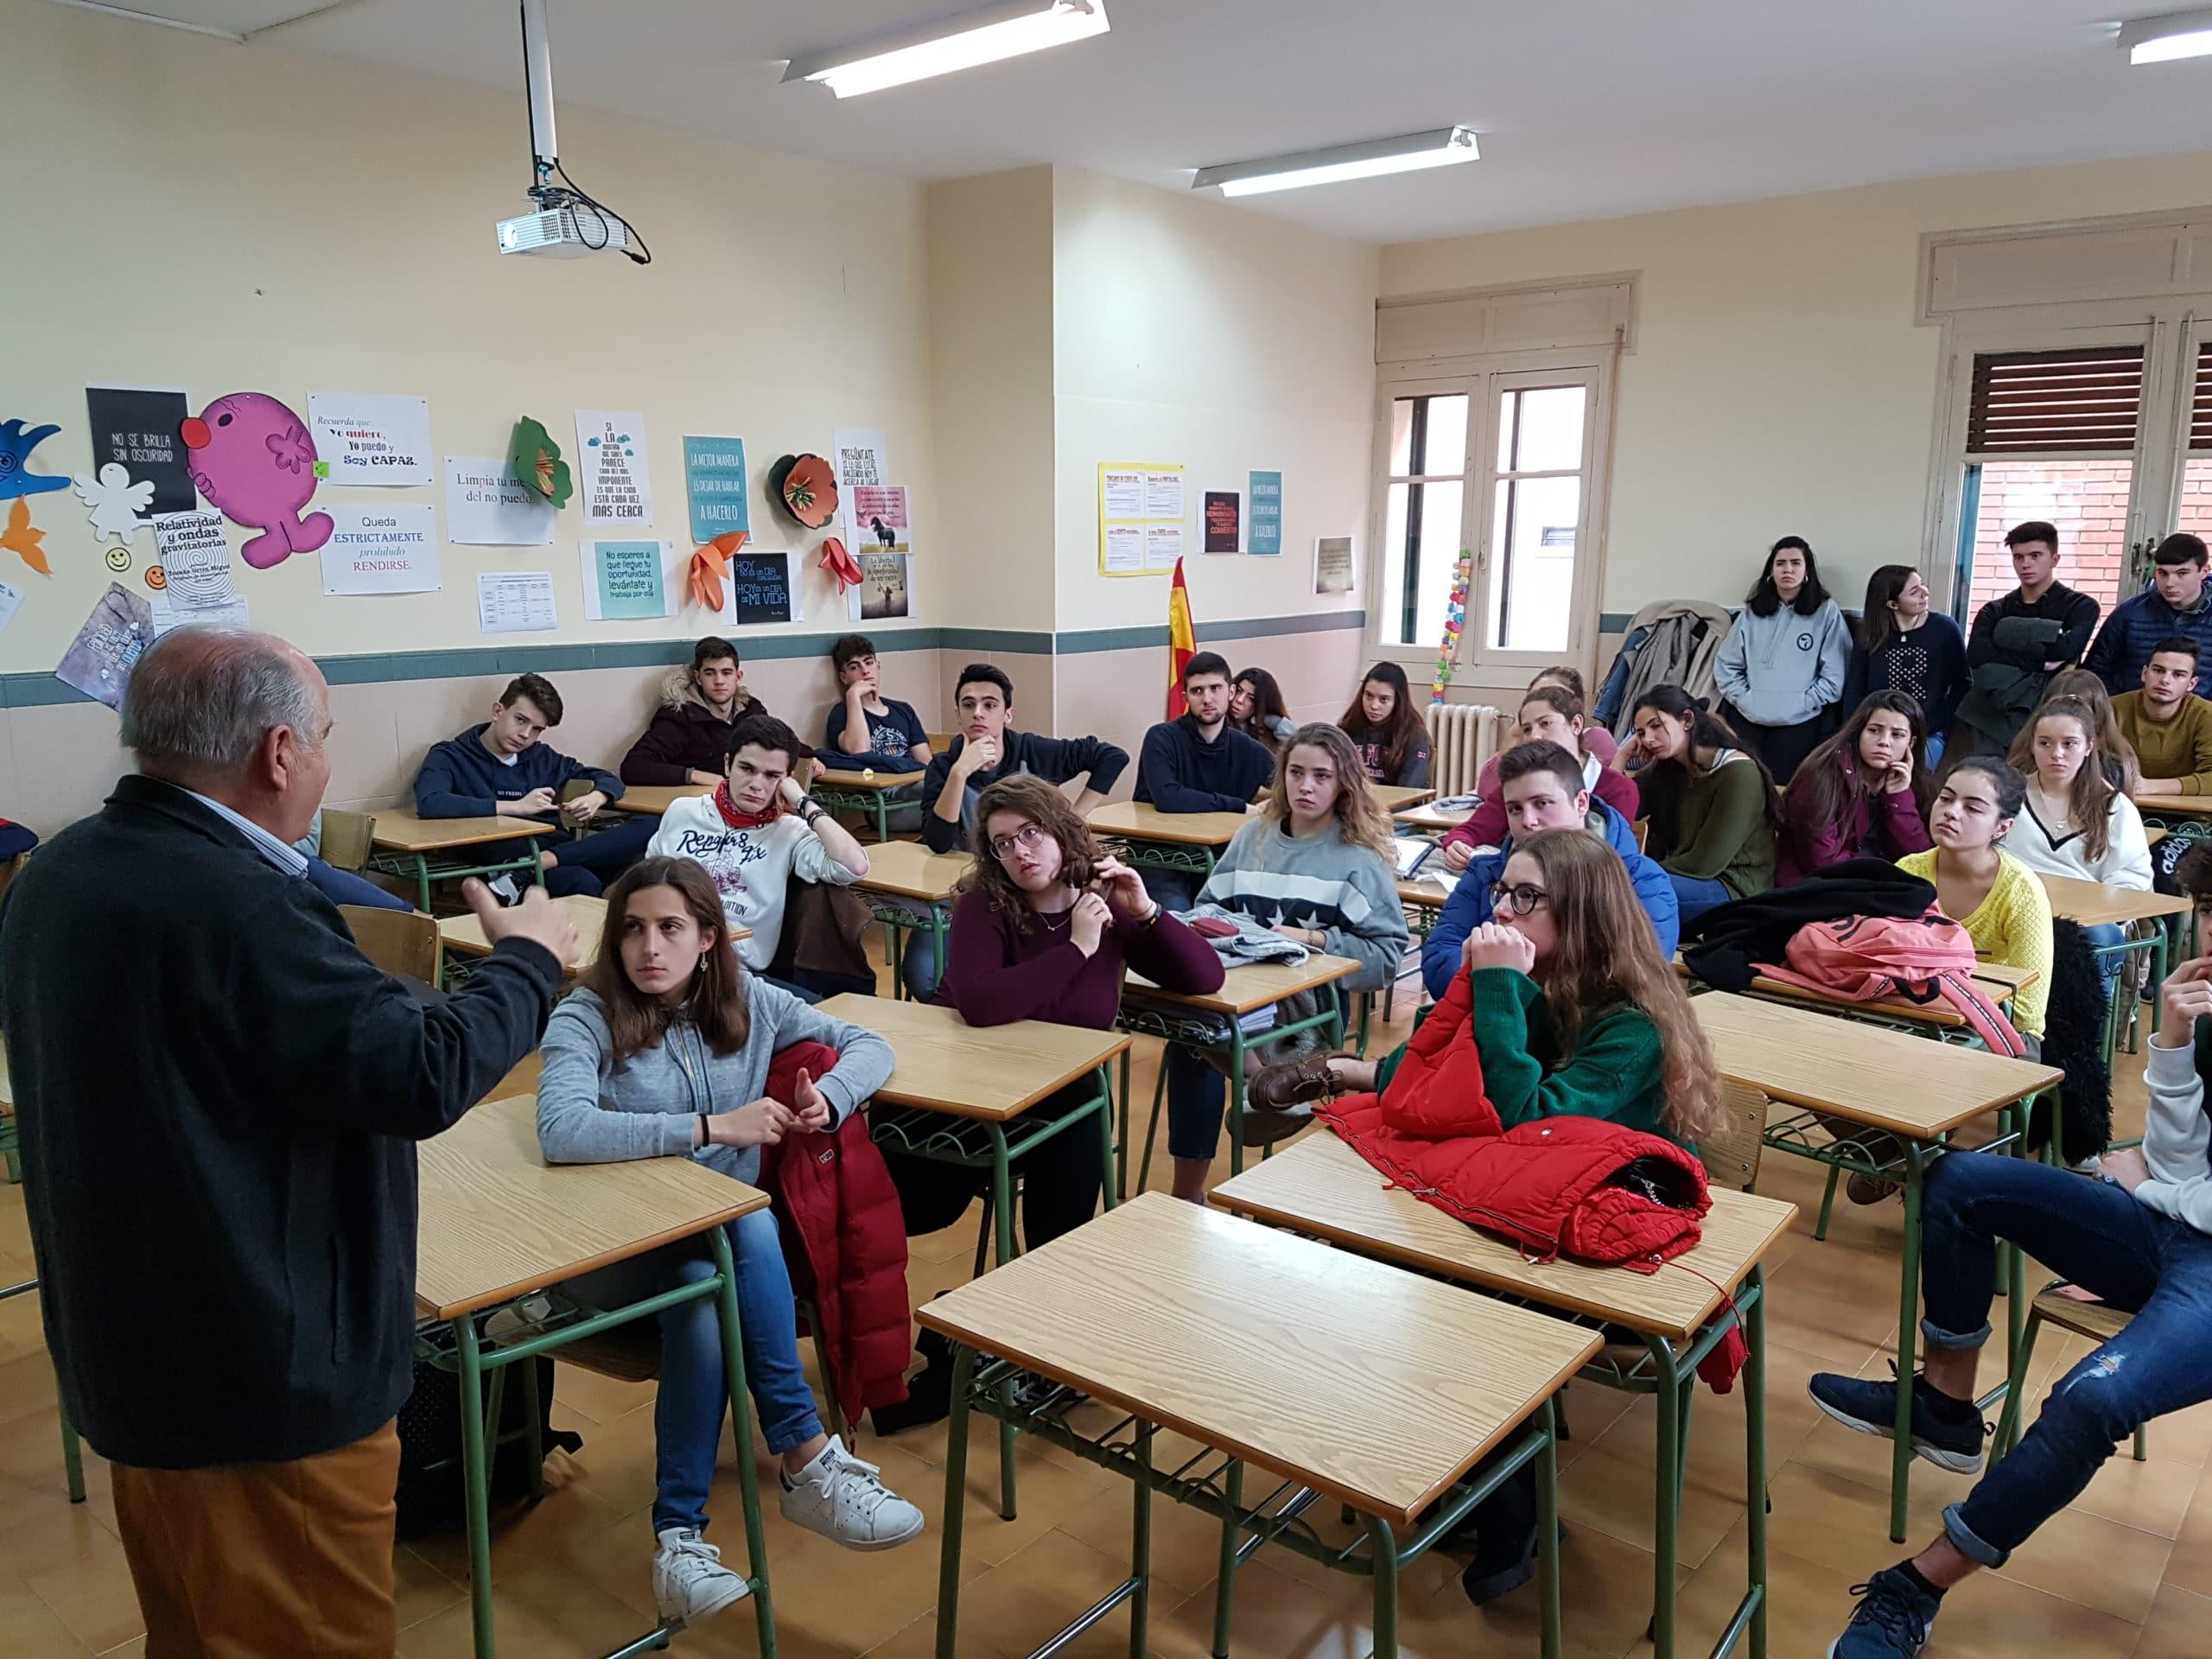 Visita del escritor Carlos Malillos al Colegio Filipense Blanca de Castilla